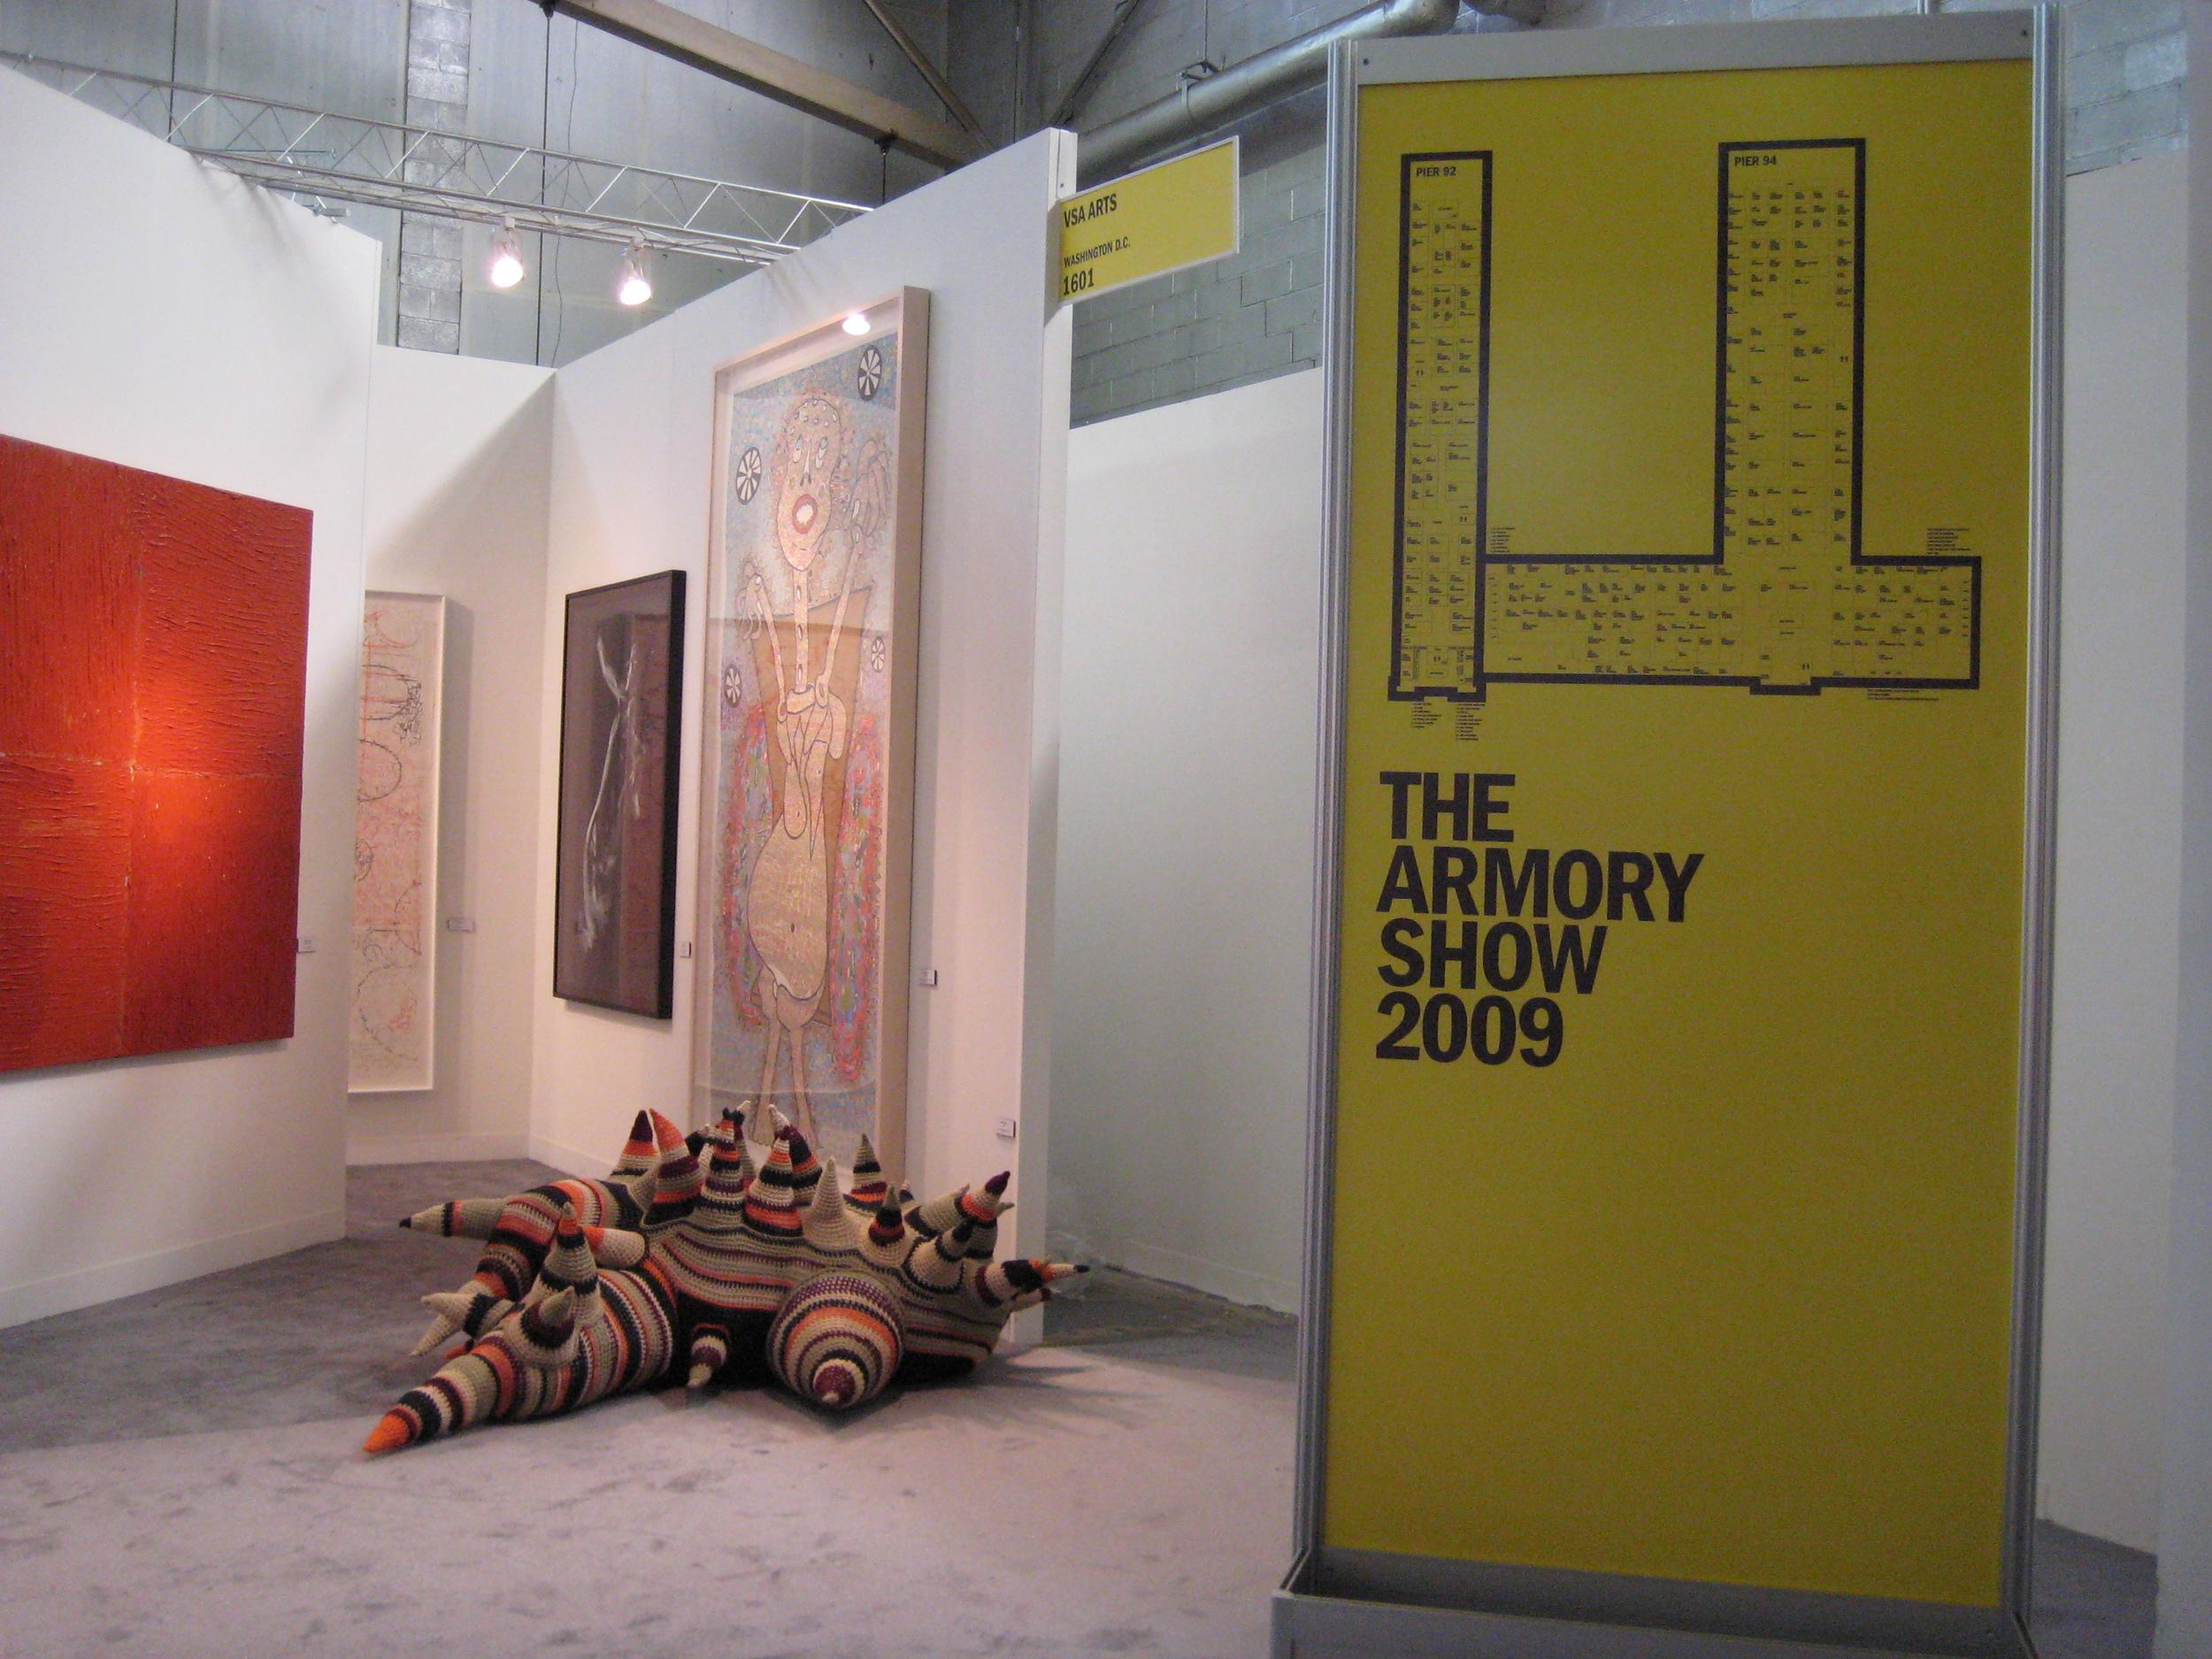 Armory Show, 2009